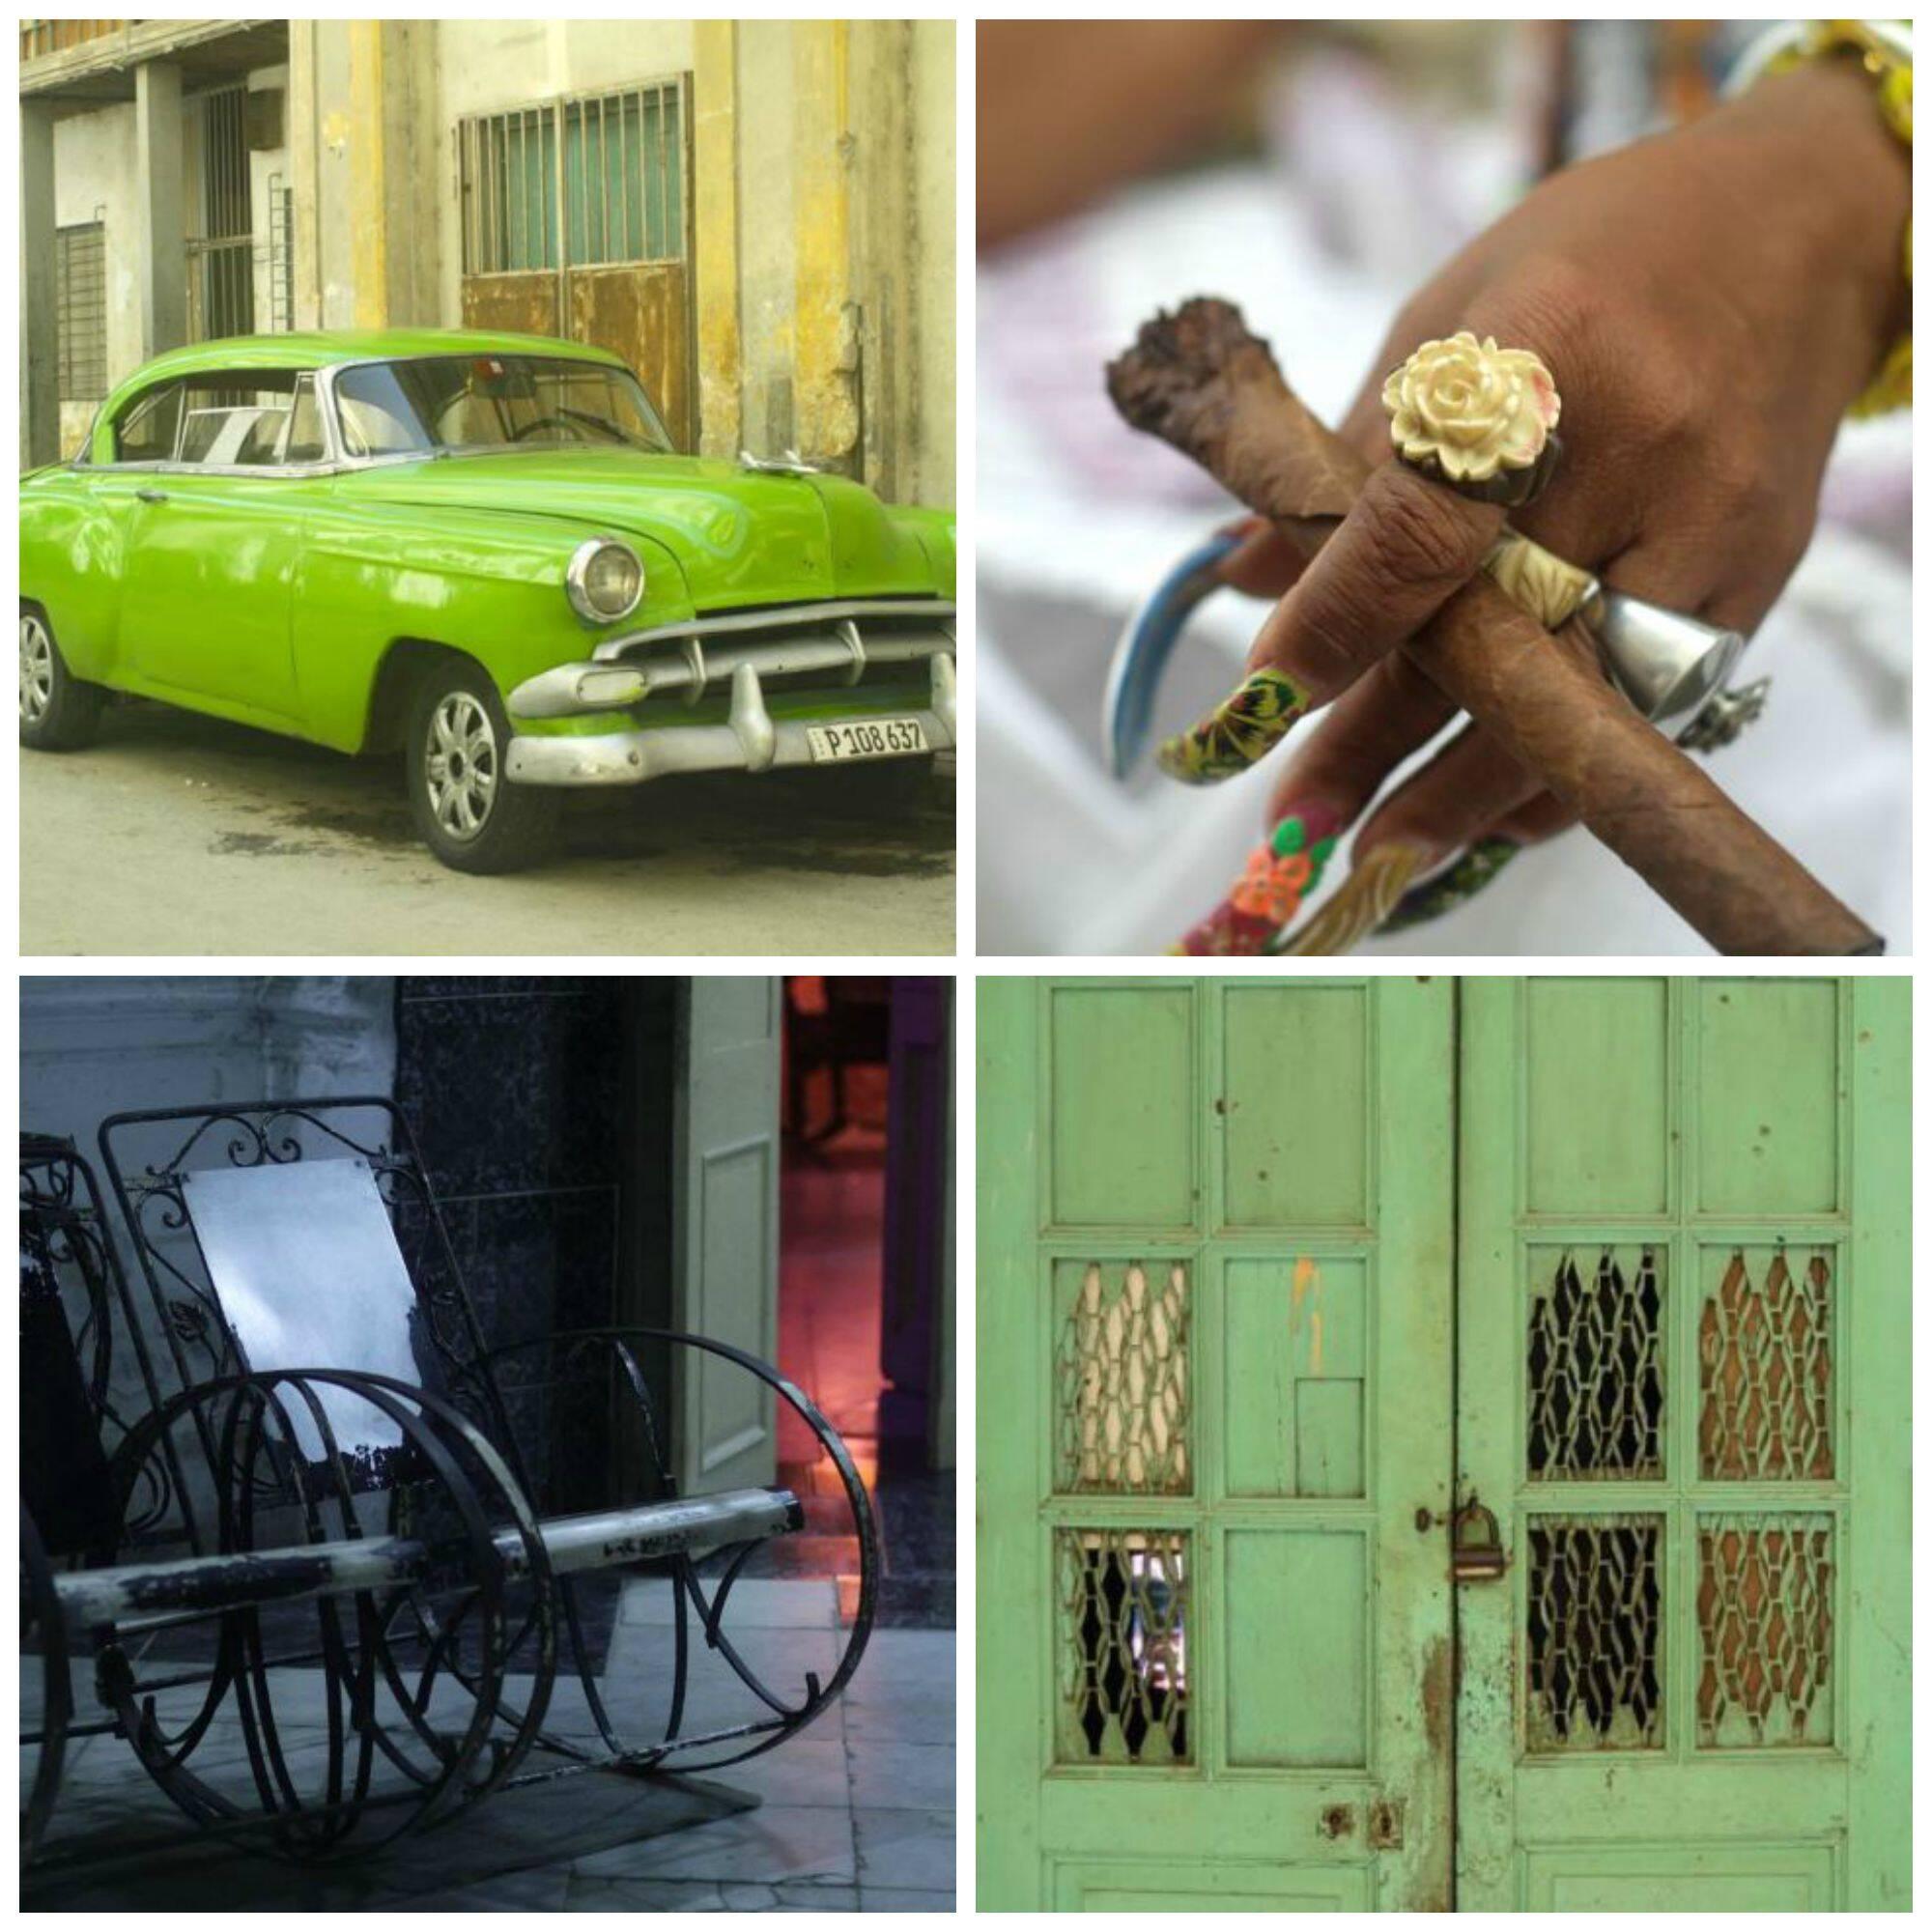 O contraste pretendido por Maritza: a frieza de Miami contra o barroco das imagens cubanas / Fotos: divulgação